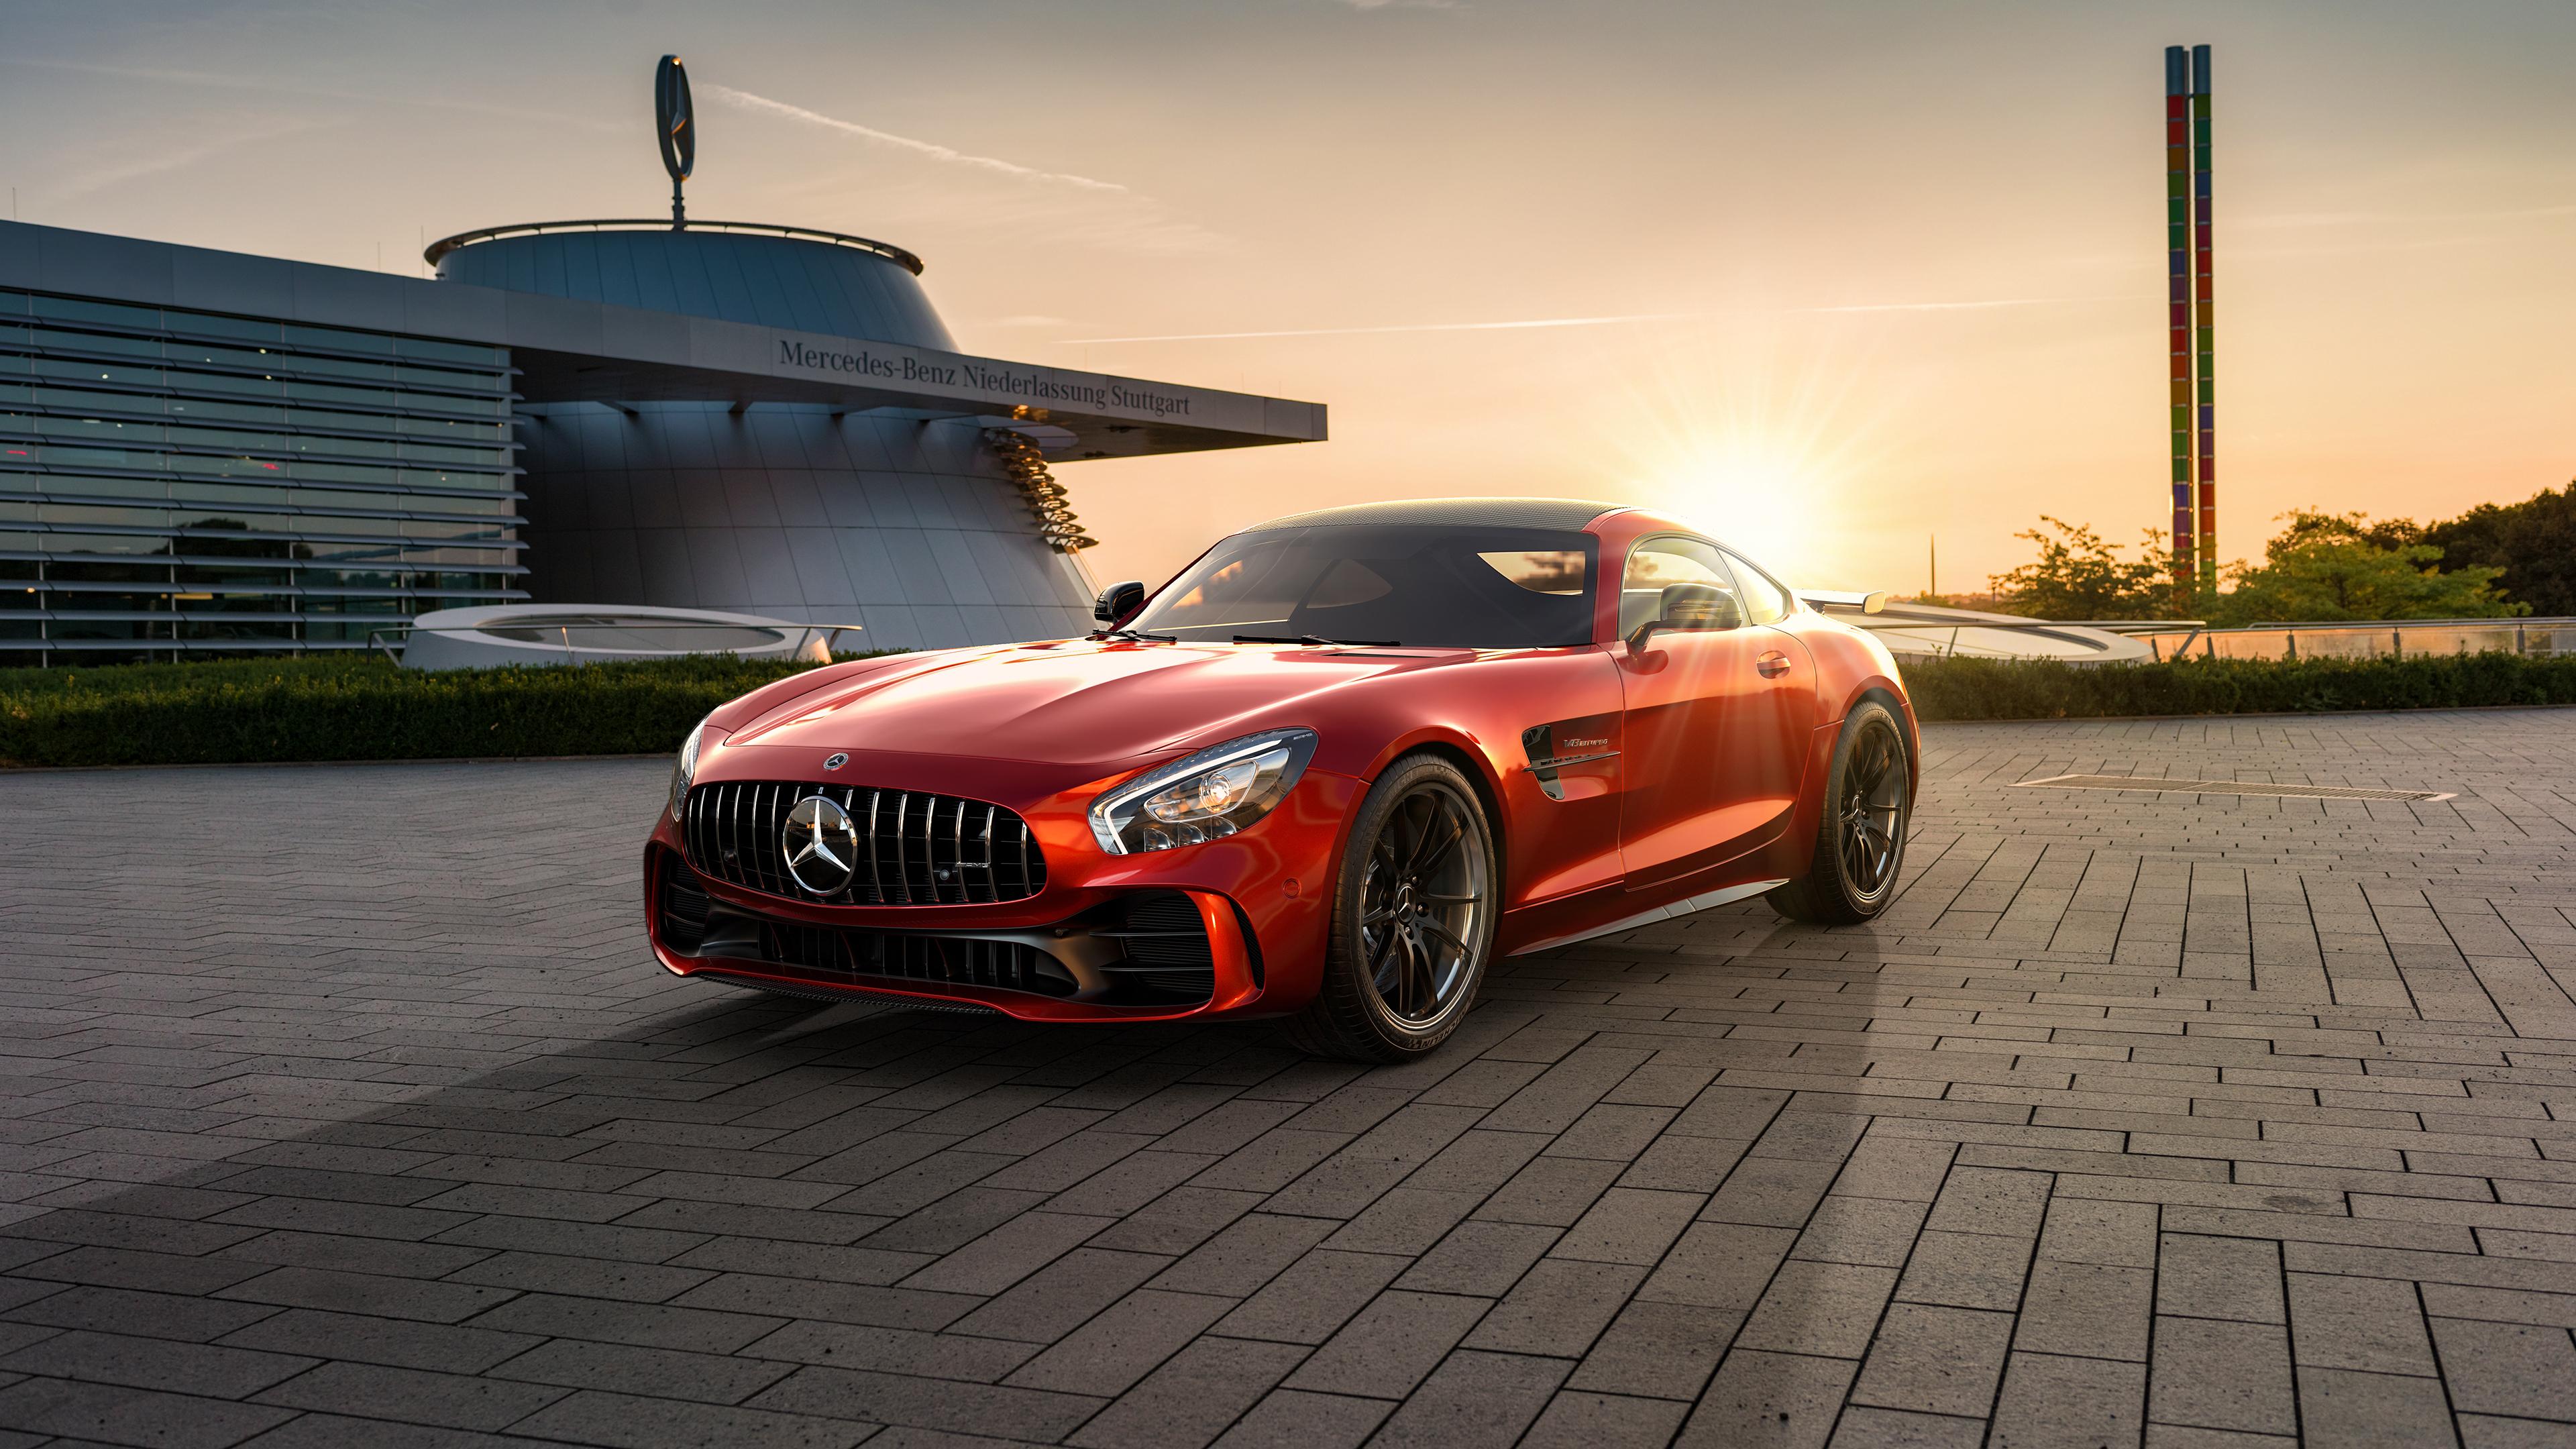 Download Wallpaper Hd Mercedes Benz Images